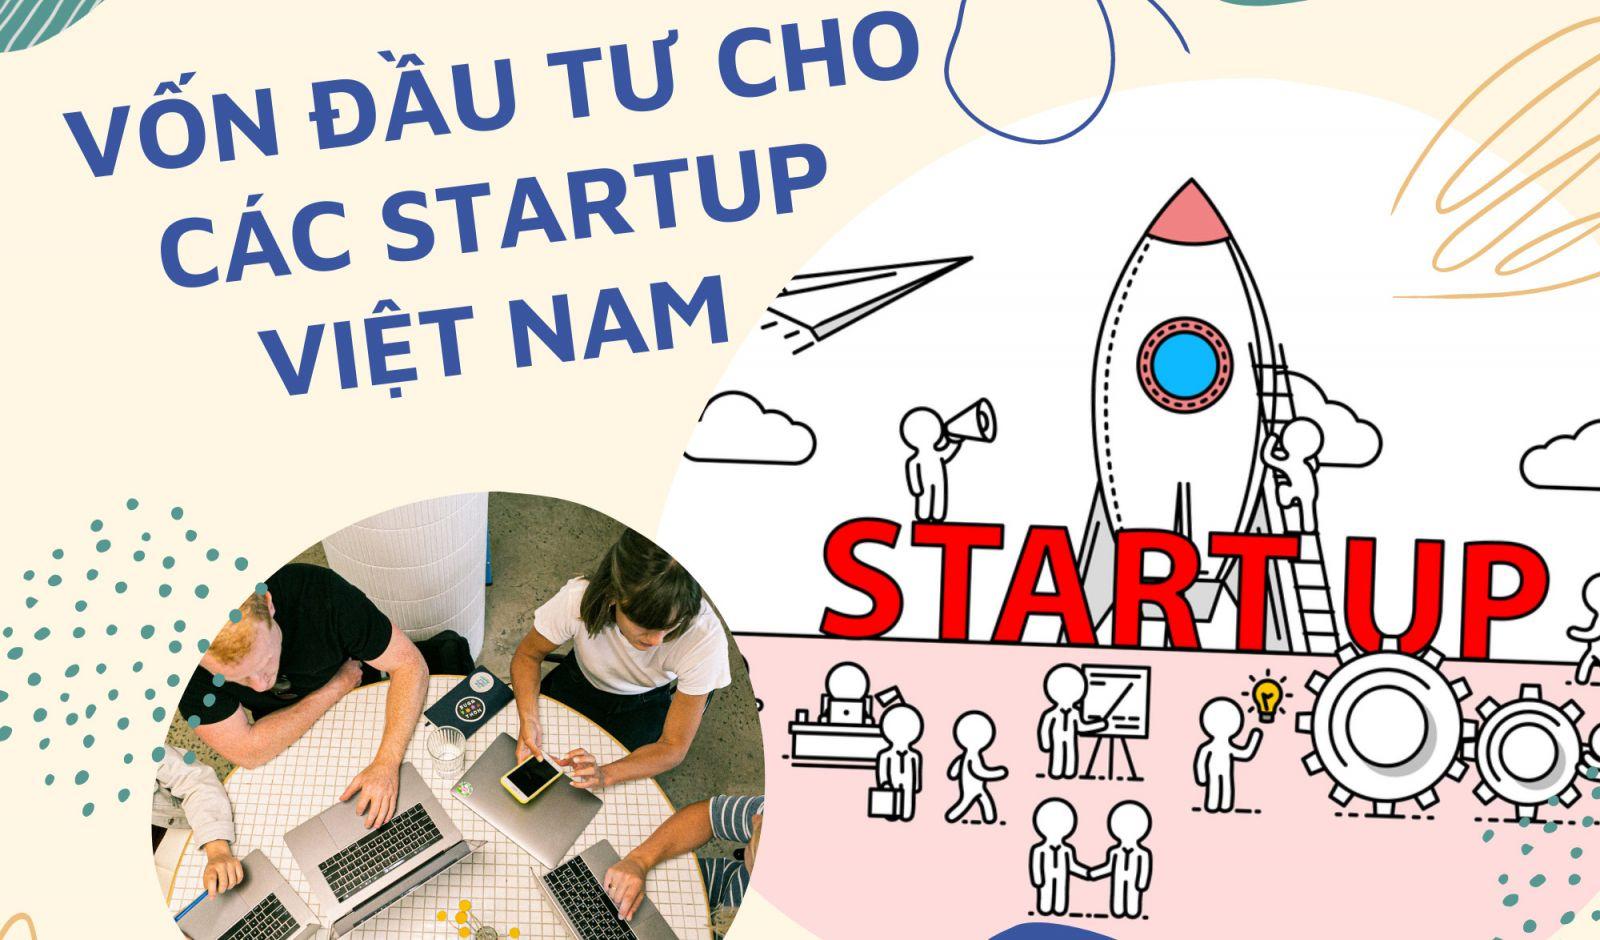 Bức tranh về thị trường vốn đầu tư cho các start up Việt Nam trong bối cảnh Covid-19